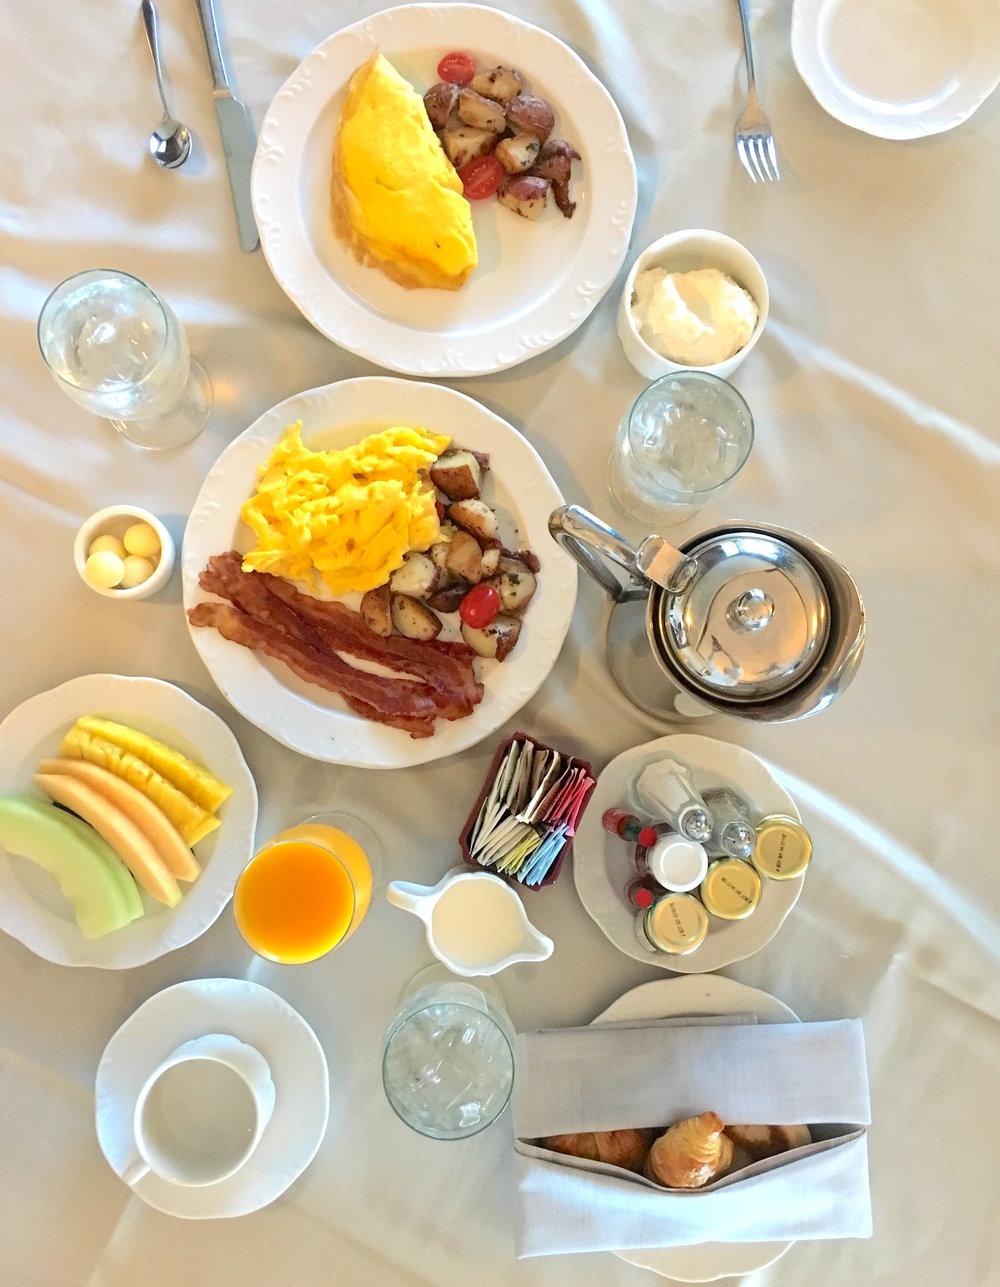 Room service breakfast, obvi.